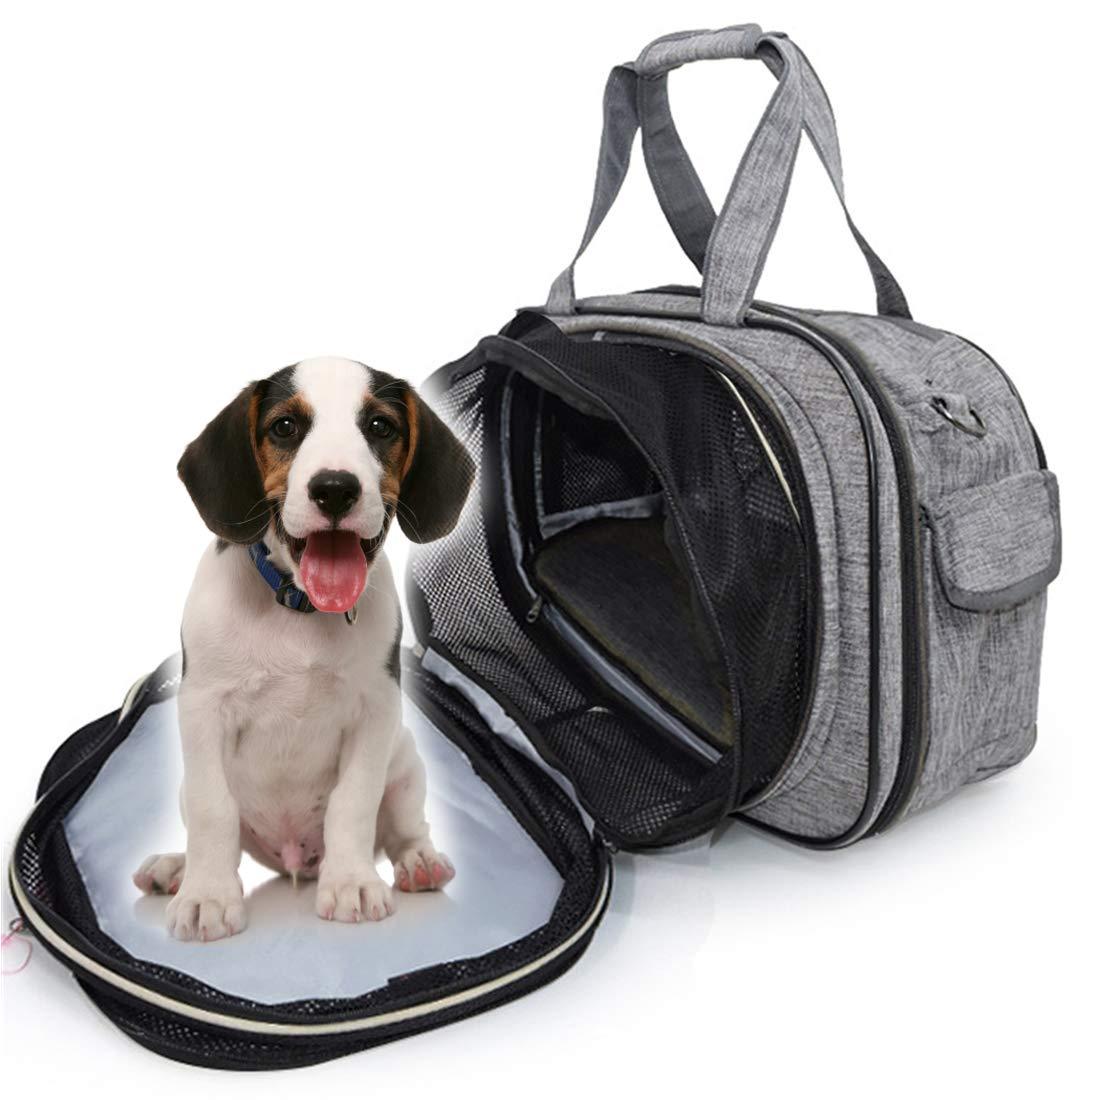 SHINING KIDS Capazos De Coche para Perros Porta Mascotas Y Gatos Bolsa De Viaje De Aire Suave Y Portátil De Primera Calidad Extensible,Gray: Amazon.es: ...